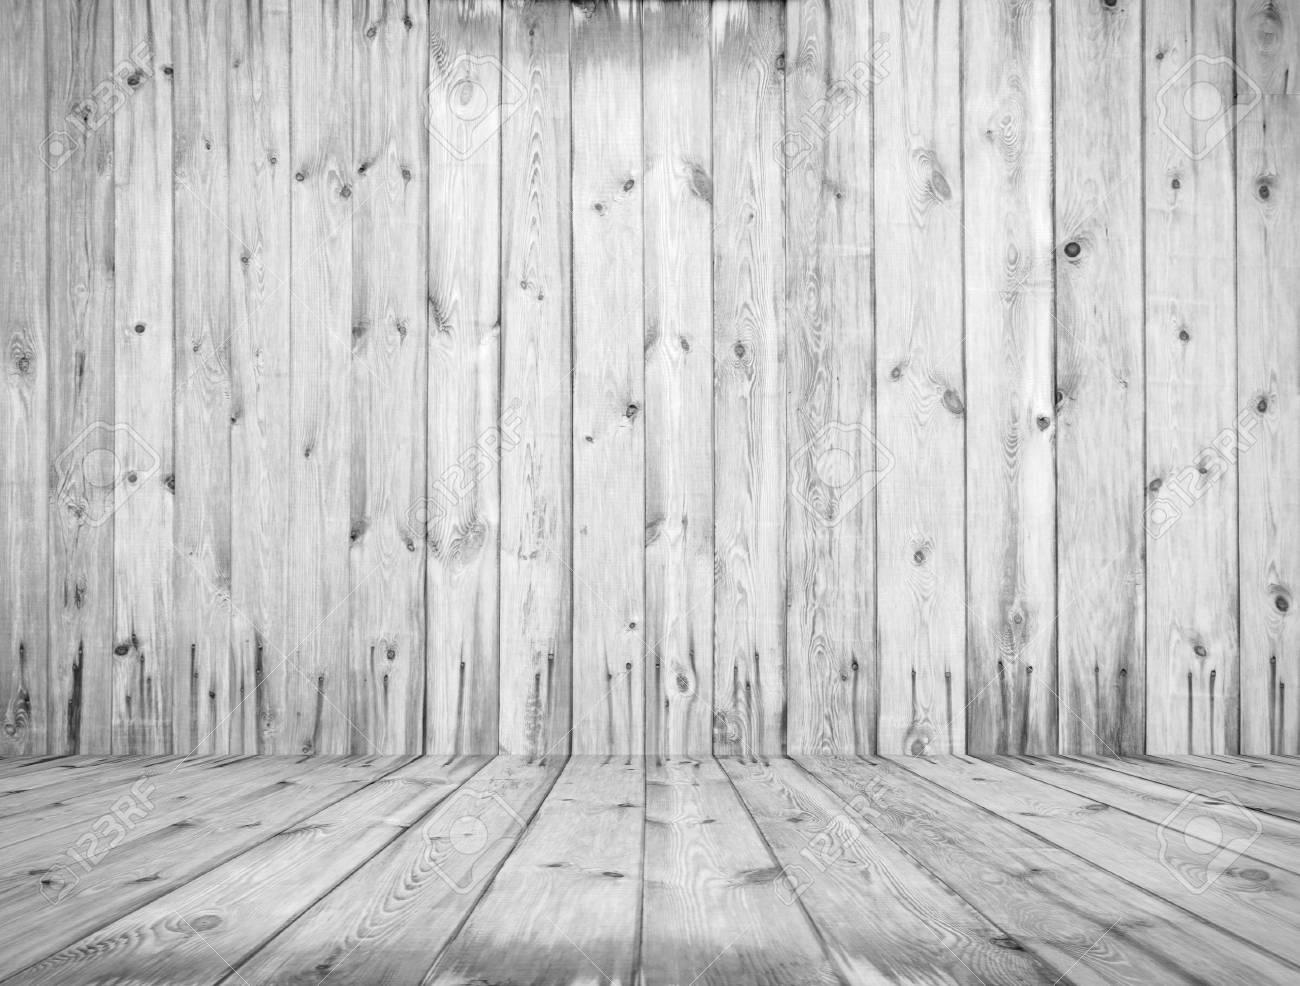 Alter Raum Weisse Holzwand Lizenzfreie Fotos Bilder Und Stock